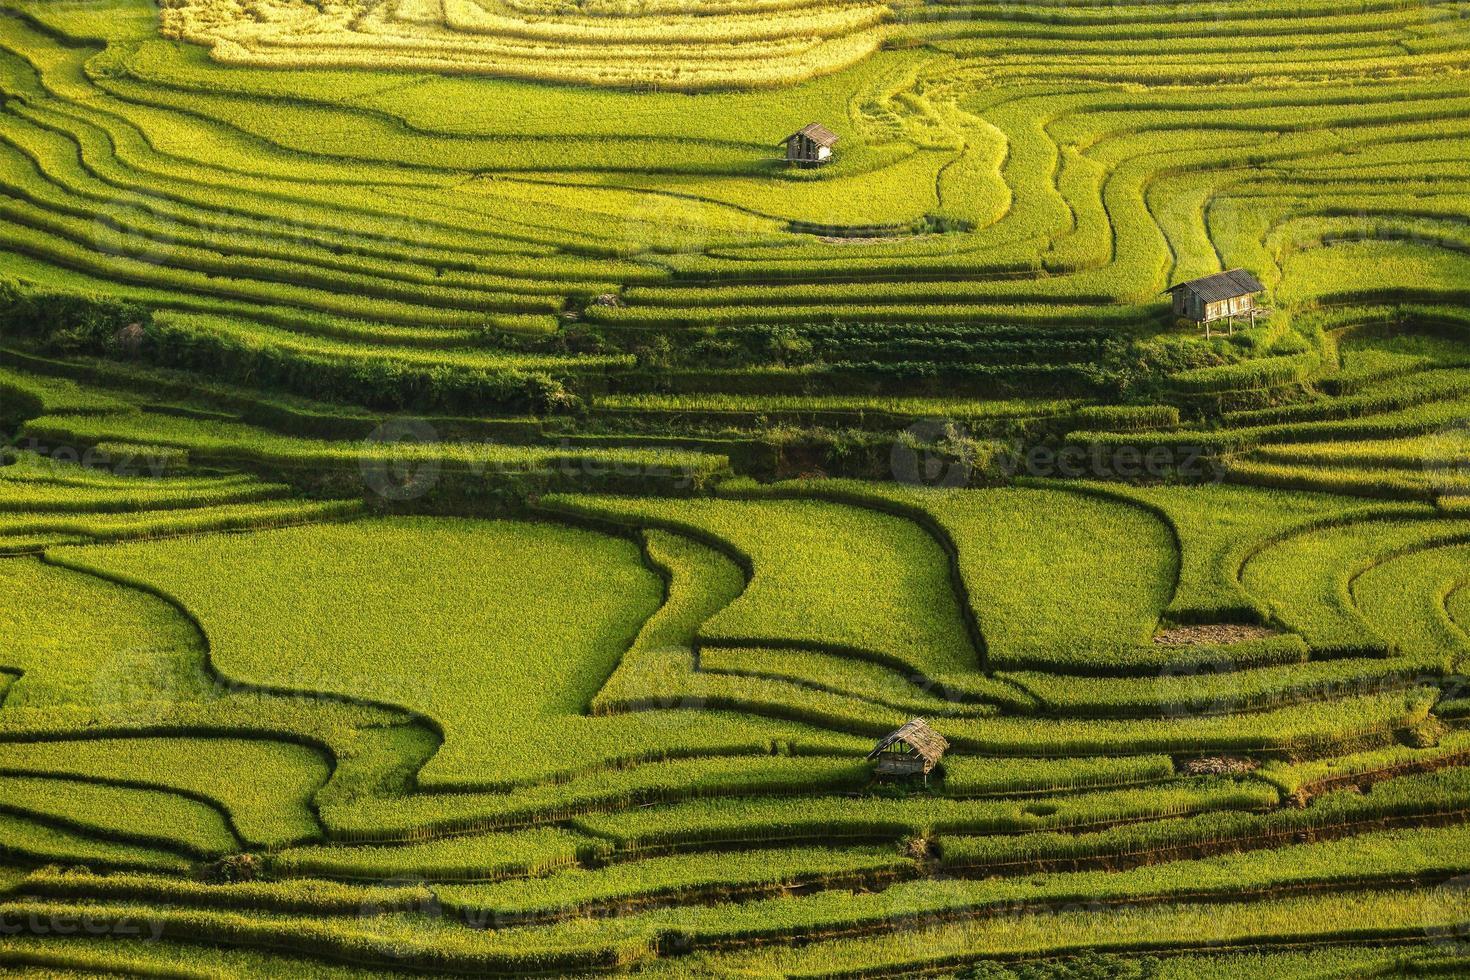 Rice fields prepare the harvest at Northwest Vietnam photo